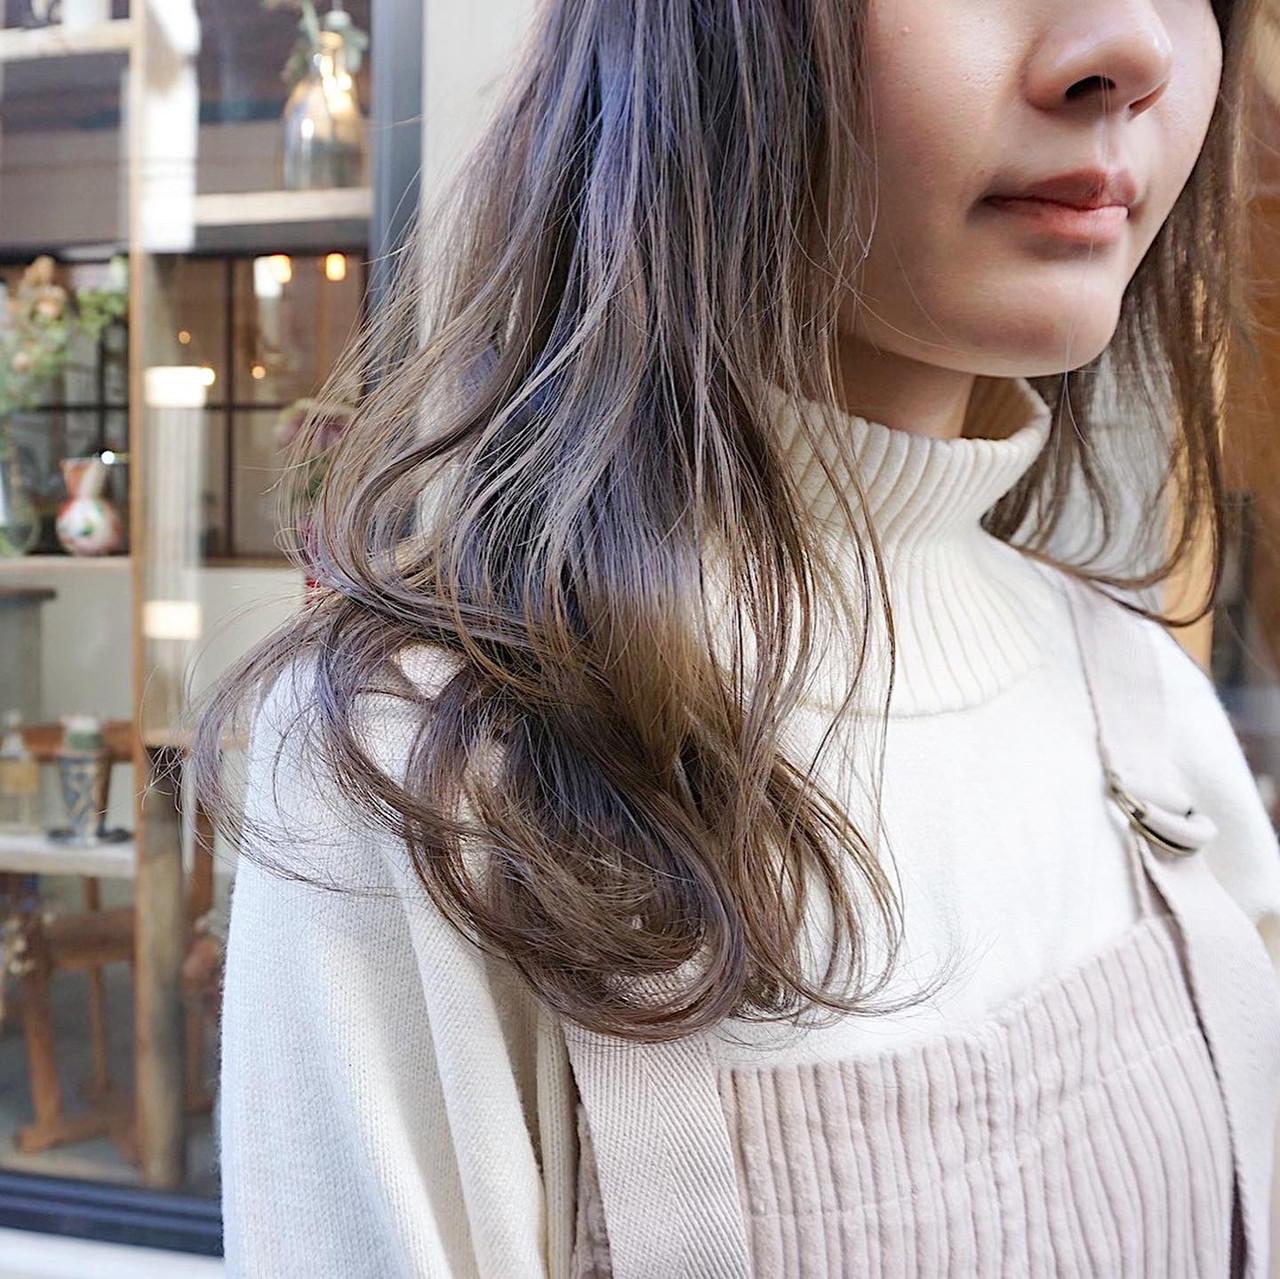 ミディアム アンニュイほつれヘア ナチュラル 透明感カラー ヘアスタイルや髪型の写真・画像 | 冨永 真太郎 / 人トナリ